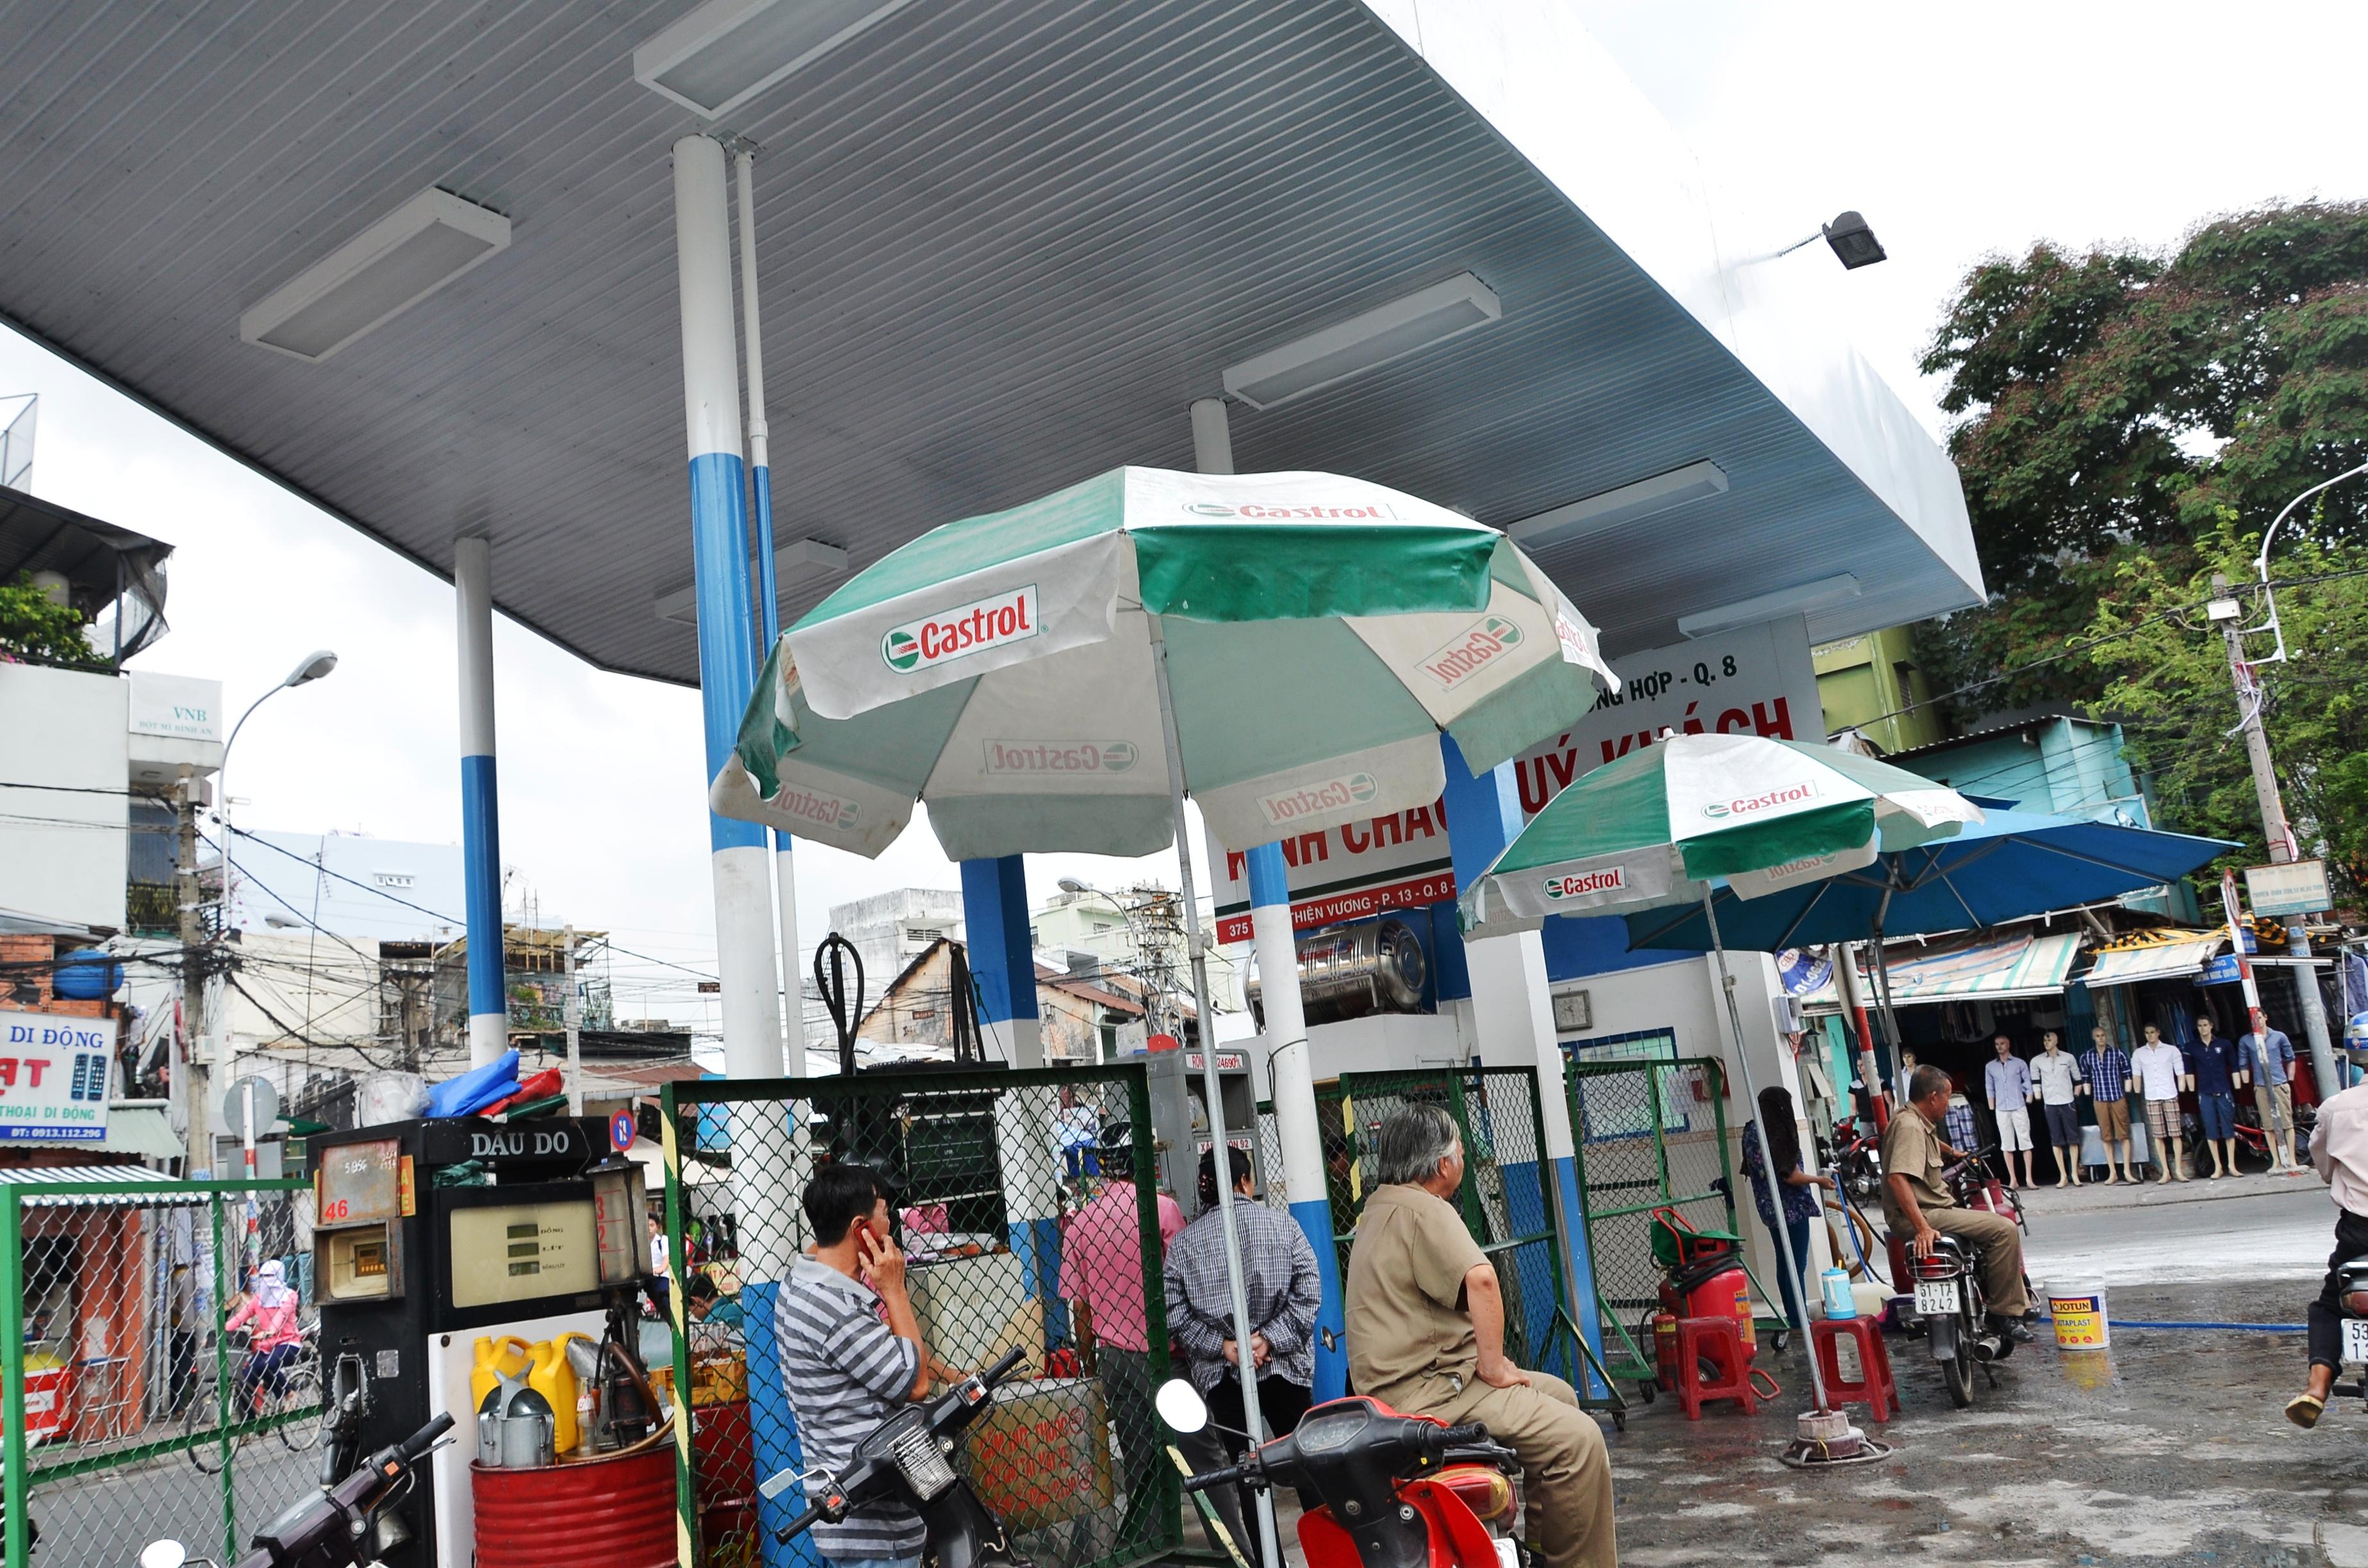 Trụ bơm xăng trong cây xăng của Công ty Cổ phần Thương nghiệp tổng hợp quận 8, số 375 Tùng Thiện Vương, phường 13, quận 8 - TP HCM, phát nổ sáng 22-4.